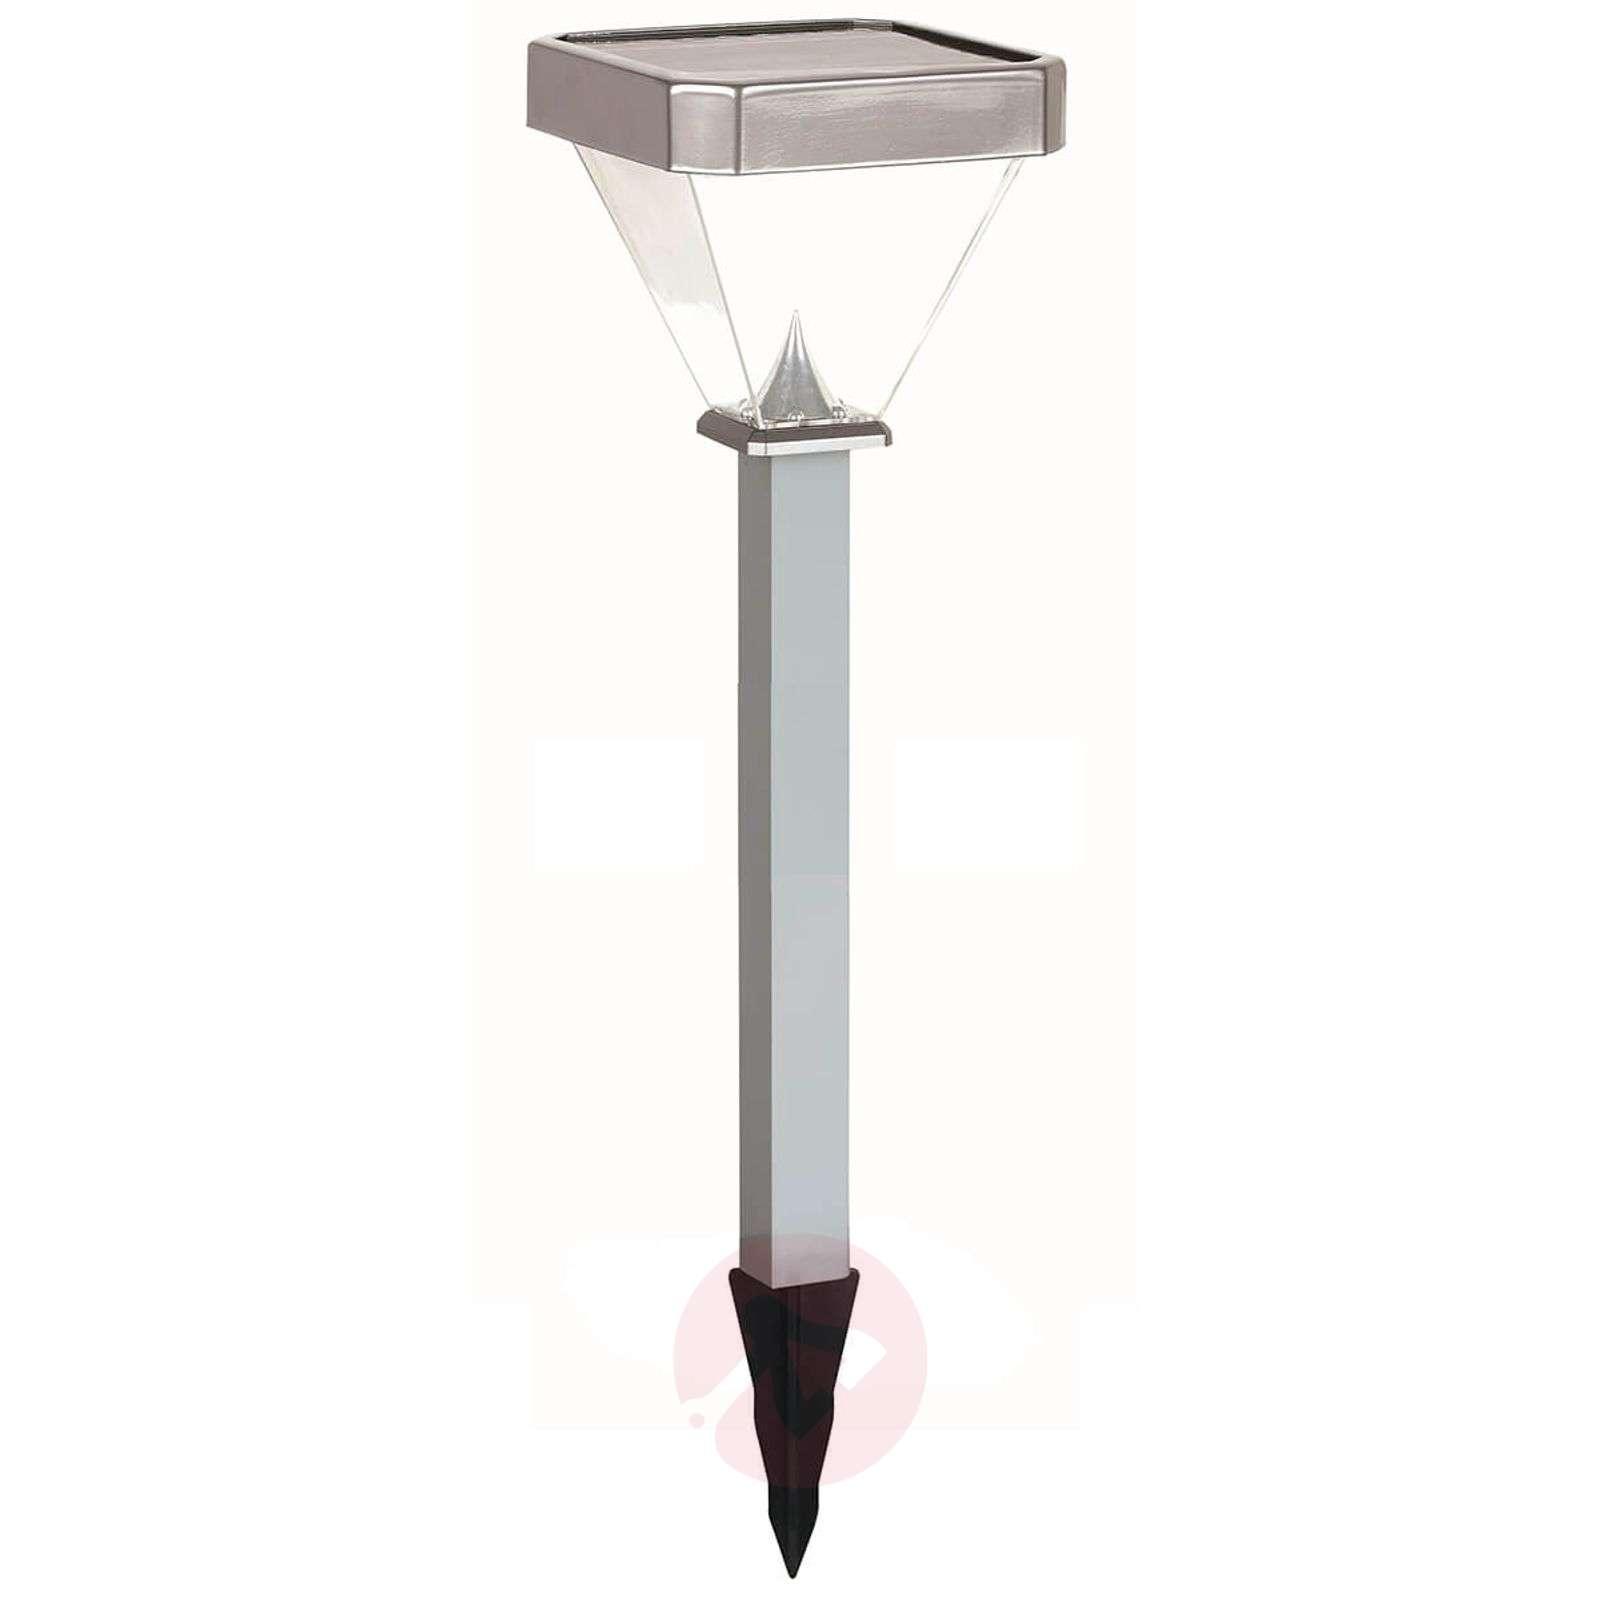 Aurinkokäyttöinen LED-maapiikkivalaisin Tessa-4014931-01